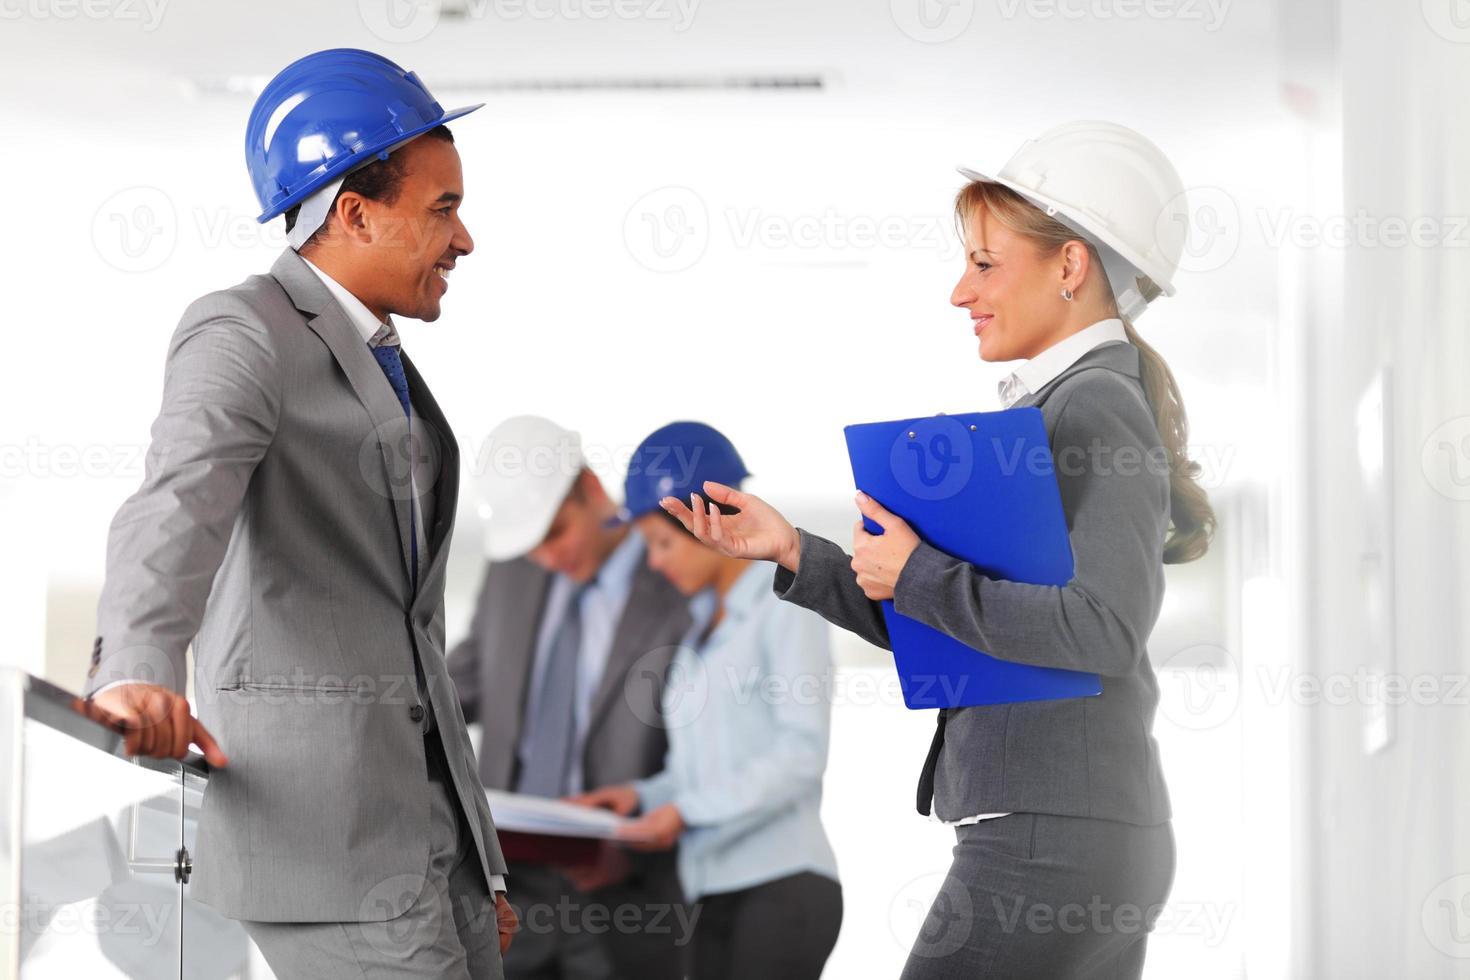 deux architectes discutent, changent d'expérience. photo